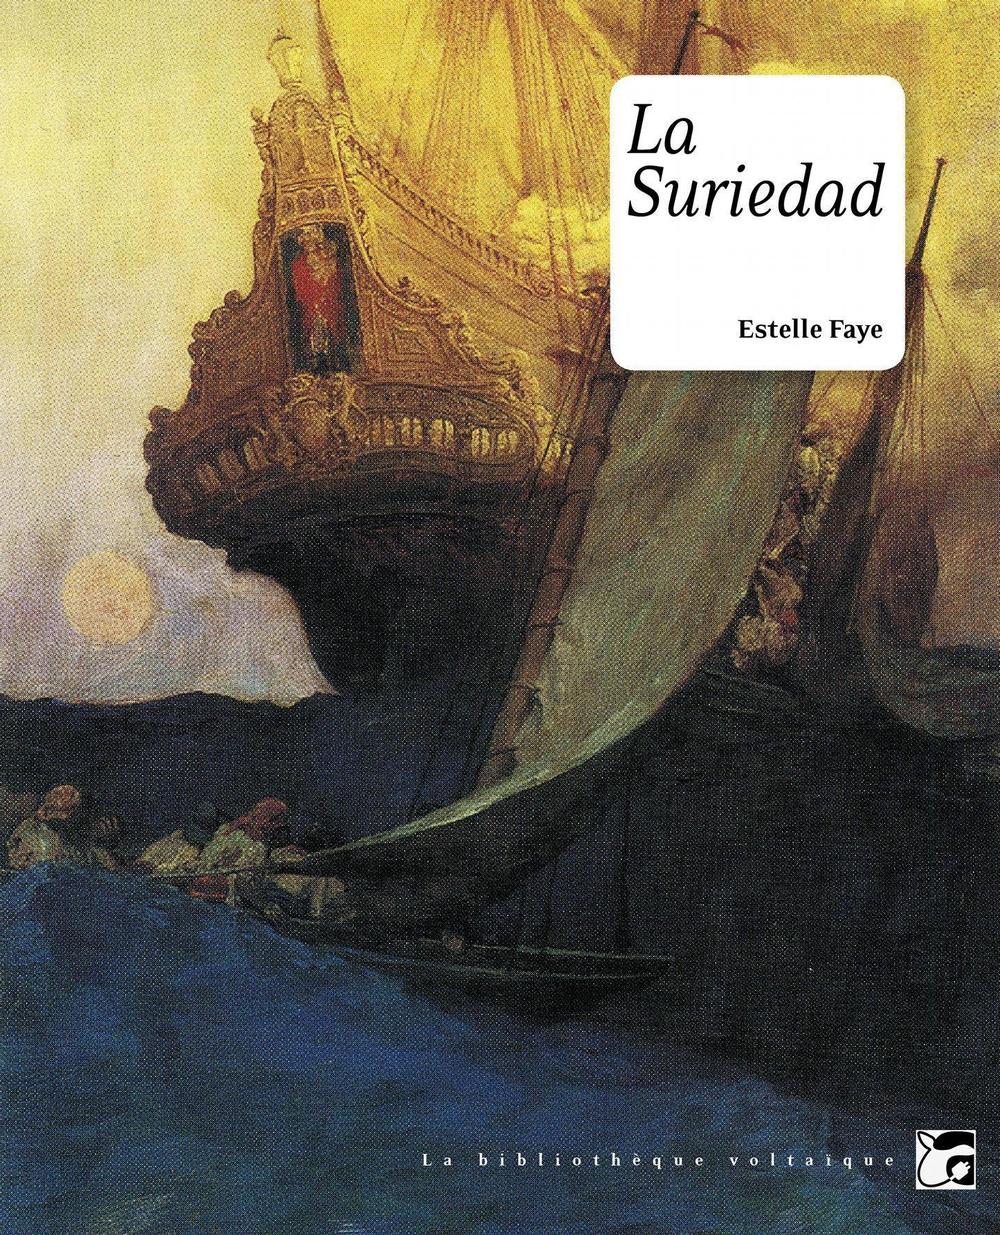 La Suriedad